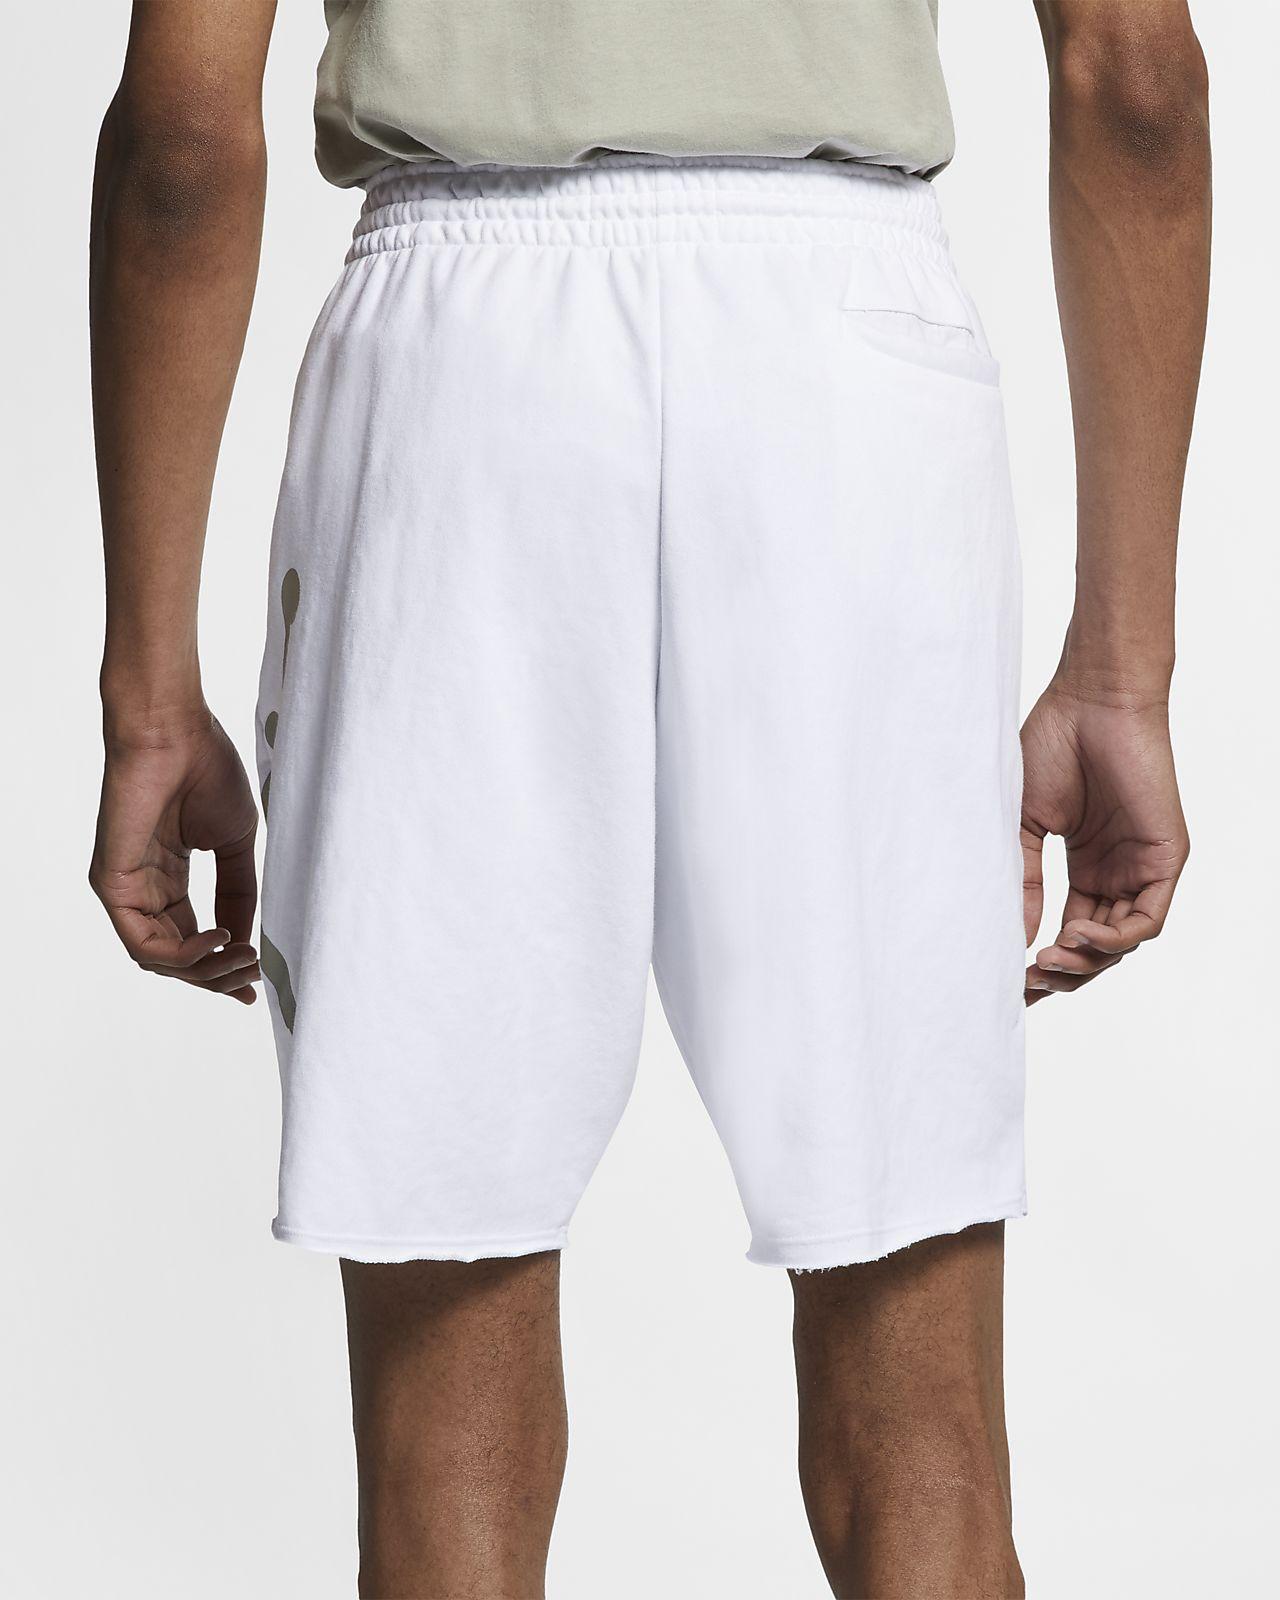 23bdc4a5dda6 Jordan Jumpman Logo Men s Fleece Shorts. Nike.com NO